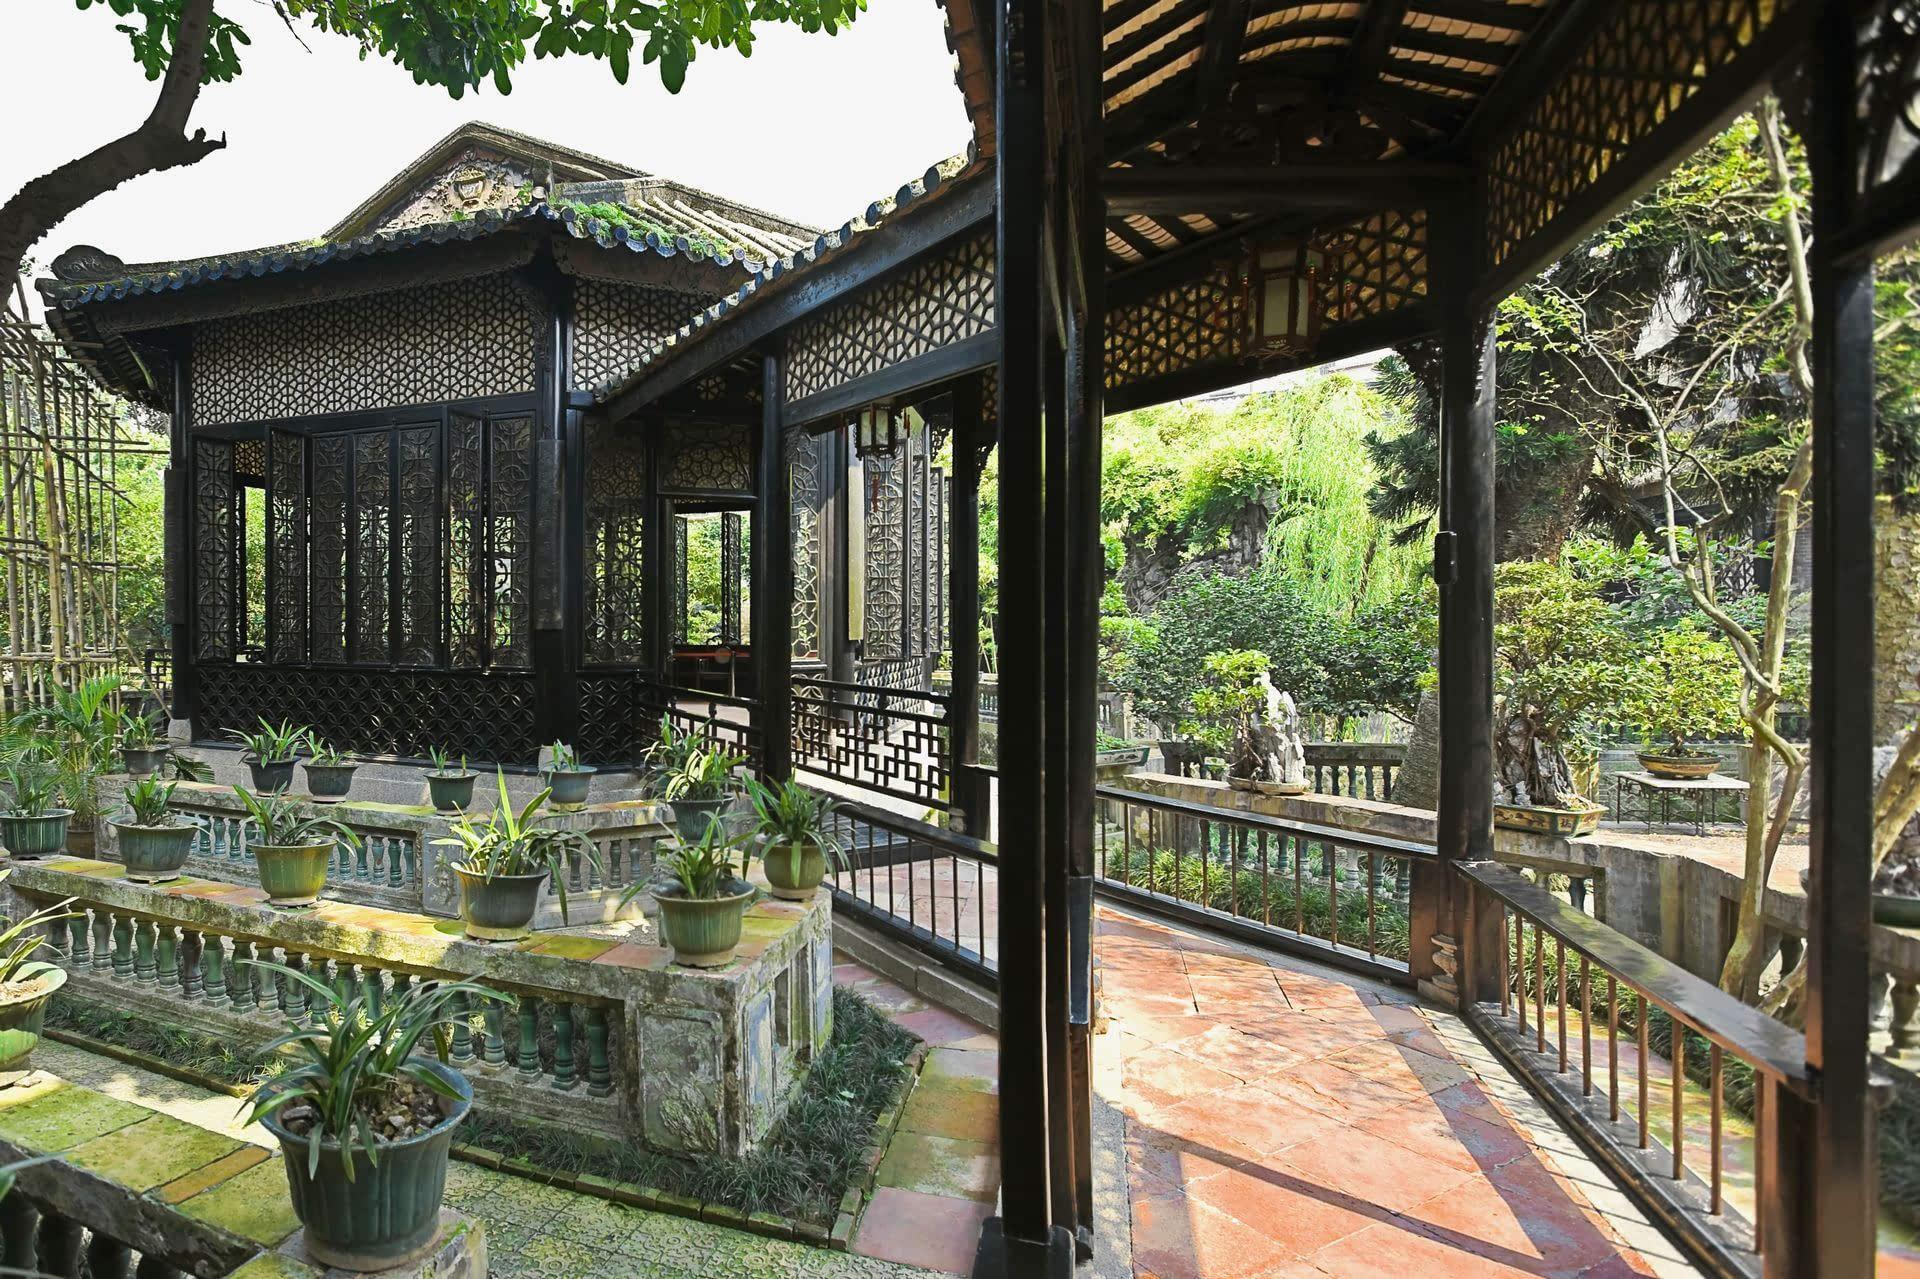 [苏州四大园林]江南园林建筑的艺术品